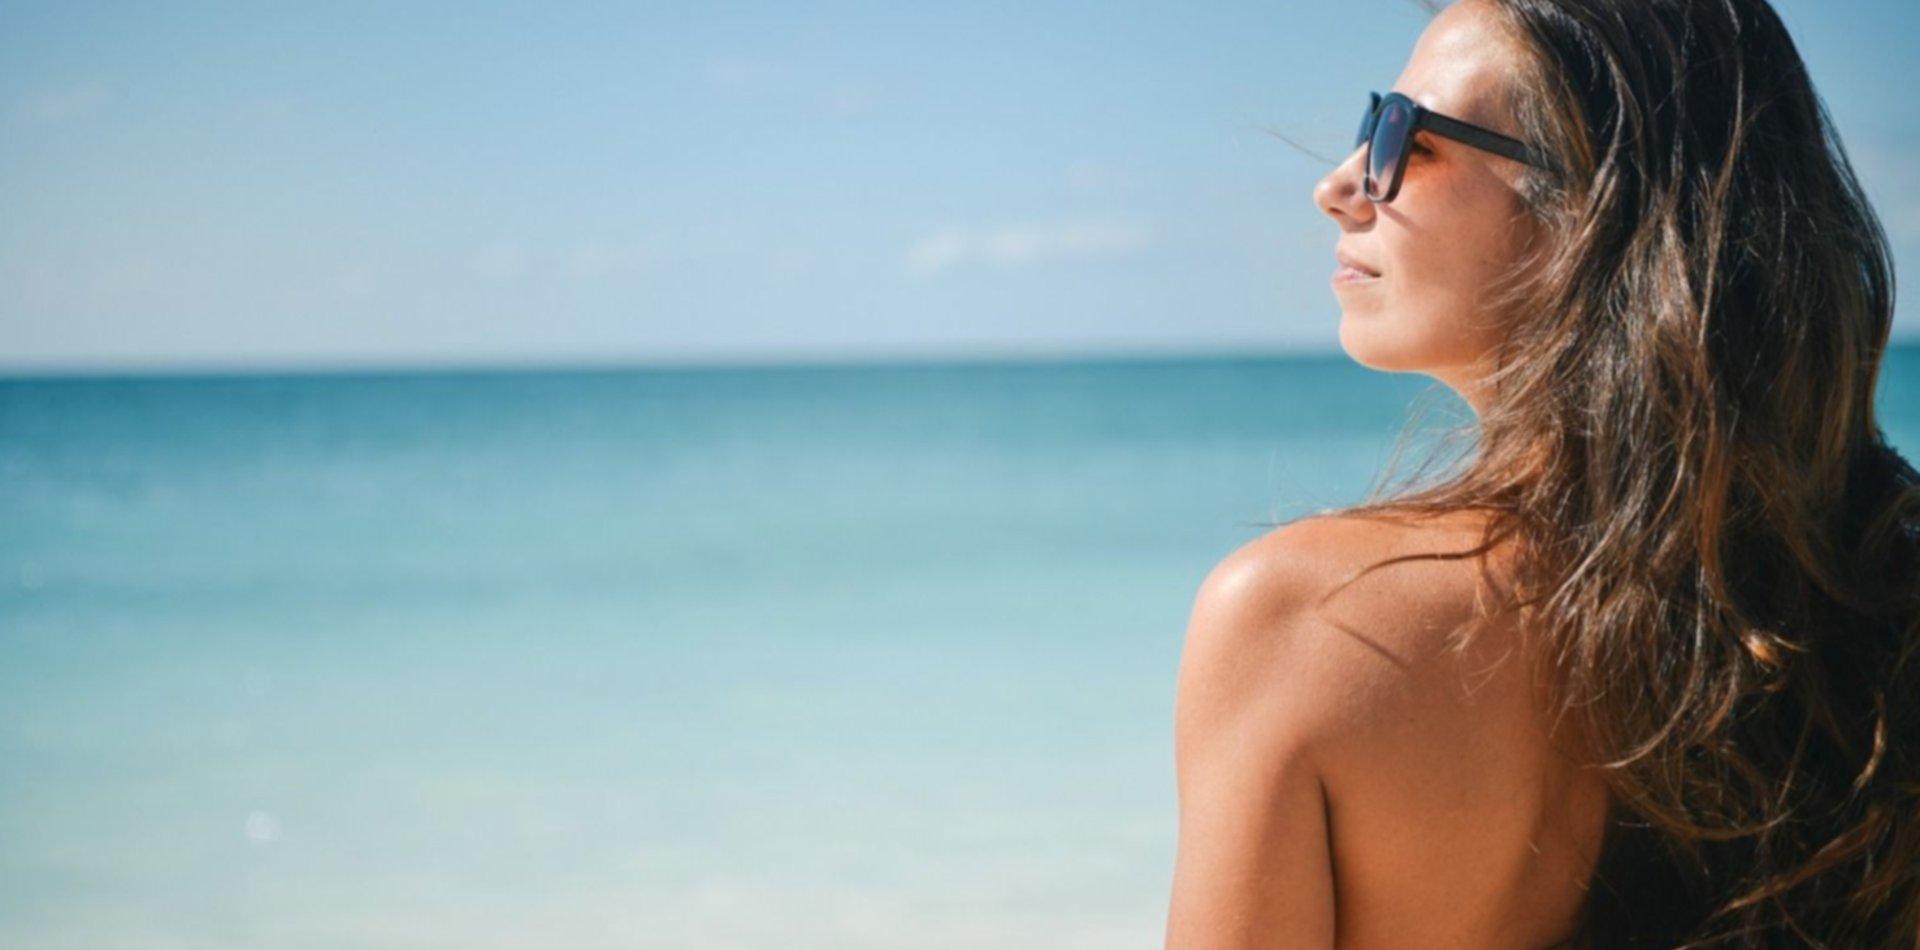 Yuco, la playa oculta en el país que se compara con el Caribe